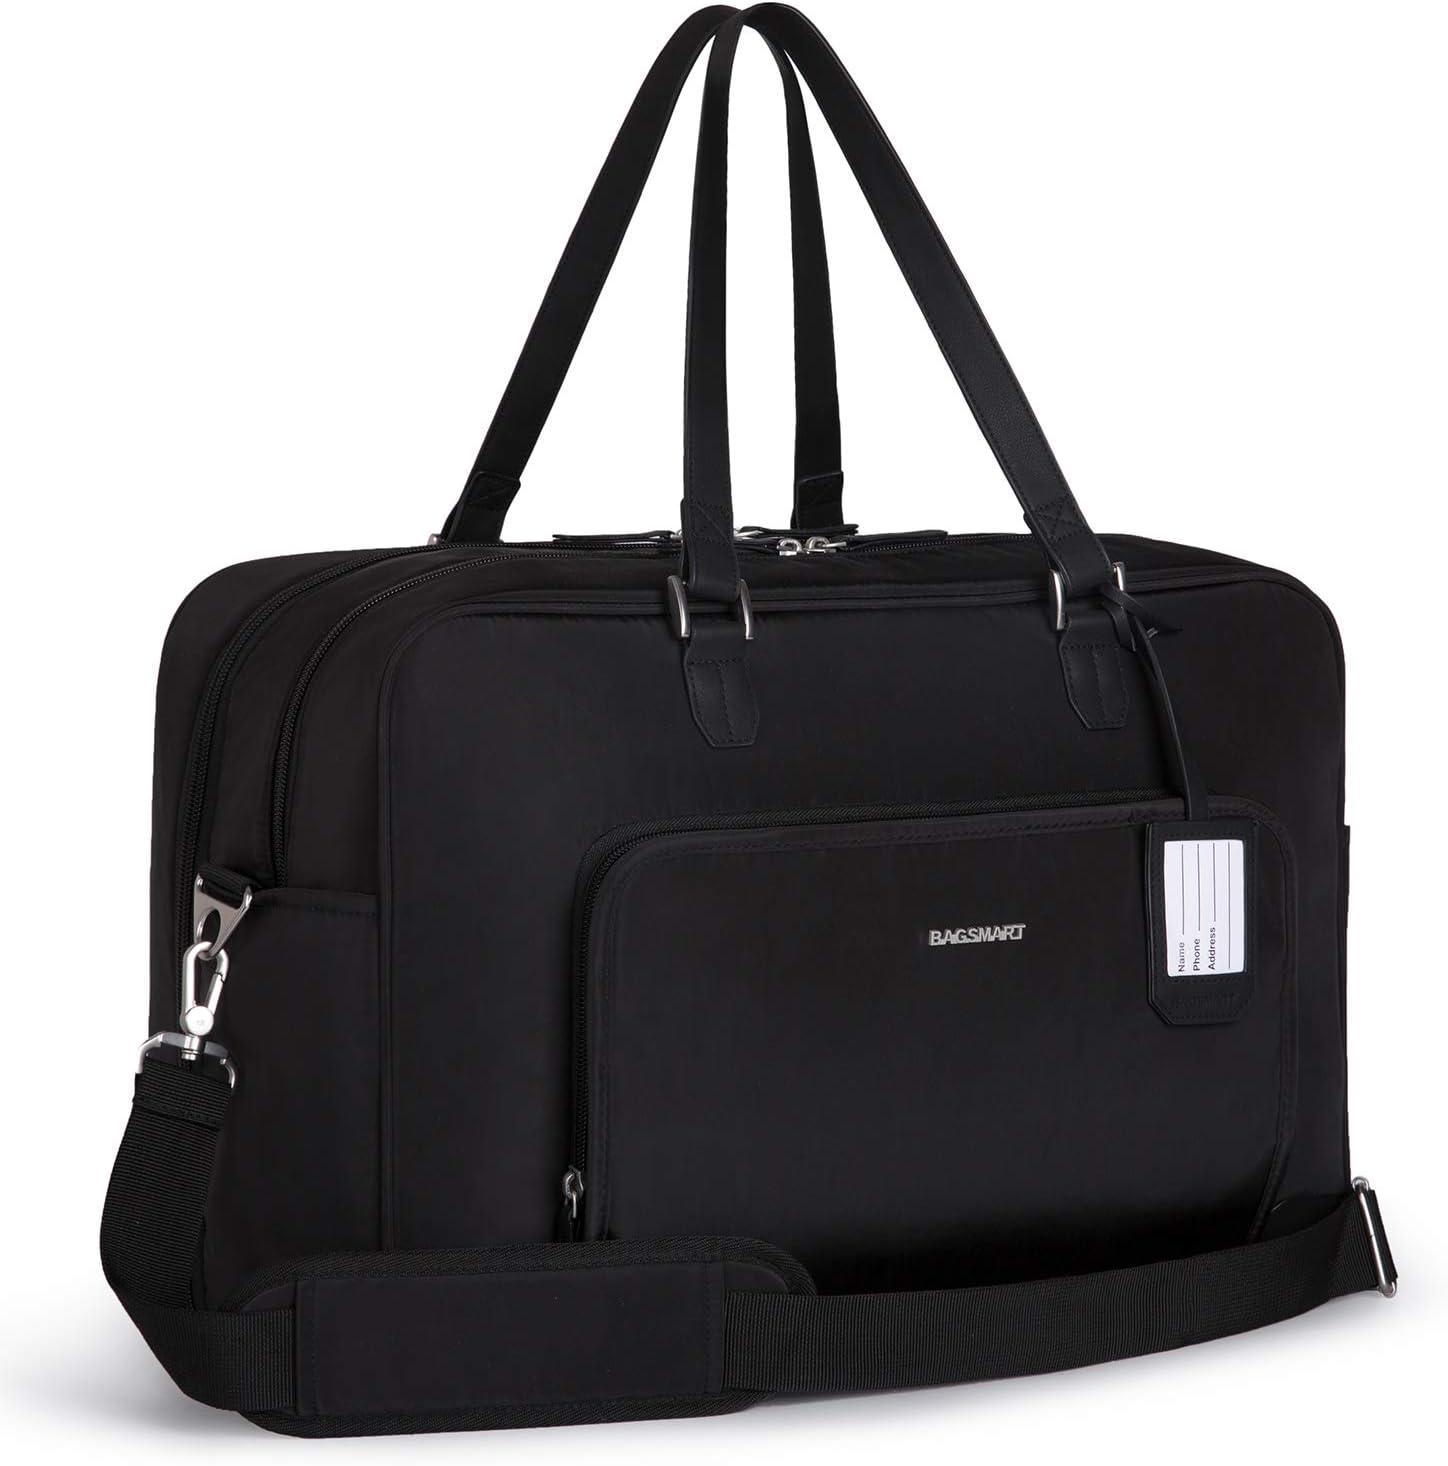 BAGSMART Weekender Bag Travel Duffle Bag Under Seat Carry On Bag for Travel, Gym, Sport, Black